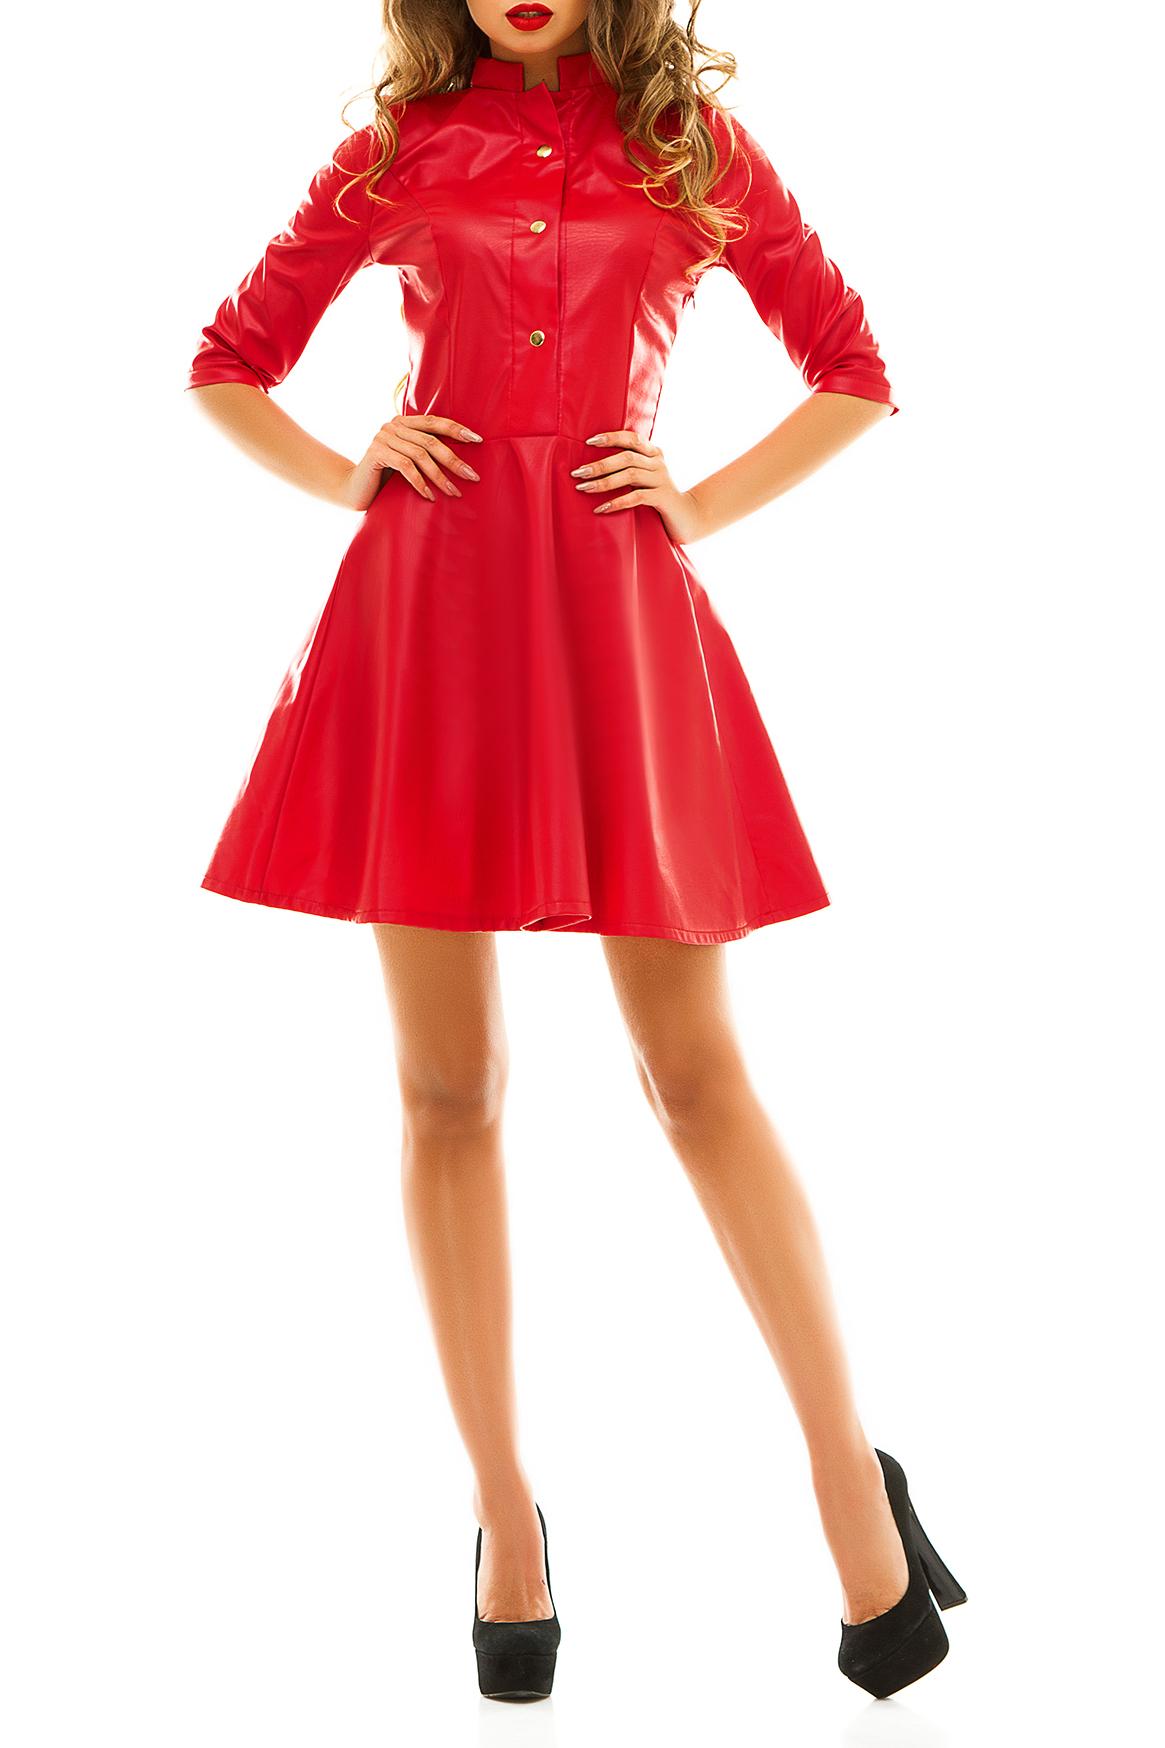 ПлатьеПлатья<br>Броское платье из эко кожи с клепками – модный тренд этого сезона, который продолжает набирать популярность. Благодаря современному материалу изделие отлично сидит на фигуре, не стесняет движений и не требует абсолютно никаких дополнительных аксессуаров.   Широкая планка с тремя клепками до груди и элегантный воротник стойка придают стильному и очень нарядному платью официальность. Расклешенная юбка скрывает все недостатки фигуры, и позволяет вести себя уверенно при публичных выступлениях или на вечеринке. Поскольку эко кожа является абсолютным трендом сезона, вы можете дополнить платье курткой из этой ткани и сумочкой, подходящей под формат мероприятия.  Изделие из эко кожи прослужат вам довольно долго, поскольку материал разработан по особой технологии, предотвращающей растрескивание и потертости.   Цвет: красный.  Ростовка изделия 170 см<br><br>Воротник: Стойка<br>По длине: До колена<br>По материалу: Искусственная кожа<br>По рисунку: Однотонные<br>По силуэту: Приталенные<br>По стилю: Готический стиль,Кэжуал,Молодежный стиль,Нарядный стиль,Повседневный стиль,Ультрамодный стиль<br>По форме: Платье - трапеция<br>По элементам: С воротником,С декором,С отделочной фурнитурой<br>Рукав: До локтя,Рукав три четверти<br>По сезону: Осень,Весна<br>Размер : 42<br>Материал: Искусственная кожа<br>Количество в наличии: 1